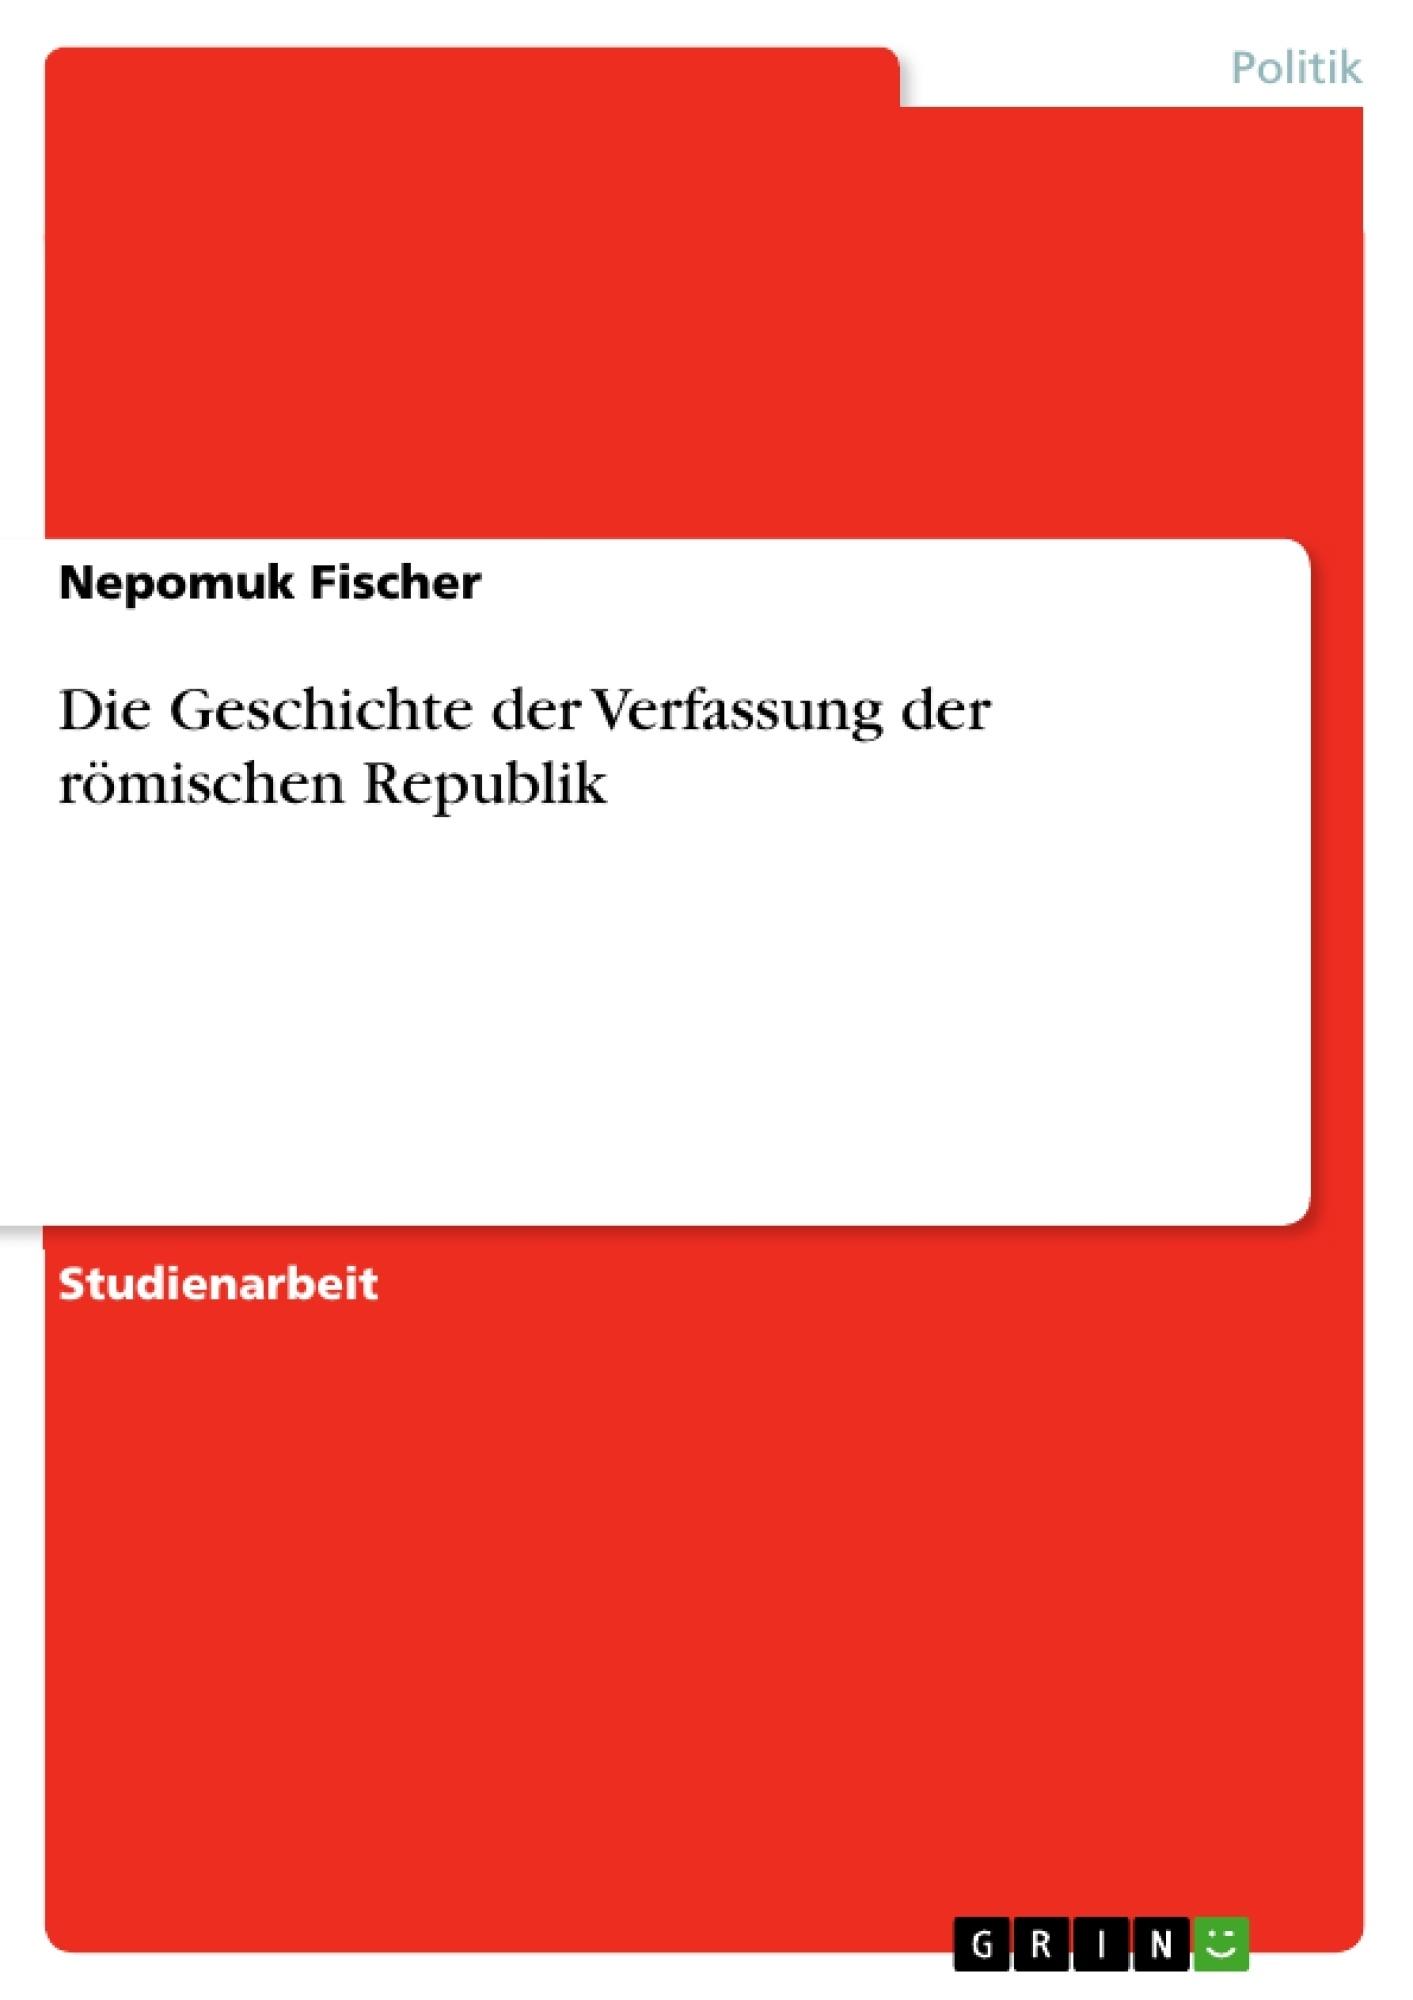 Titel: Die Geschichte der Verfassung der römischen Republik